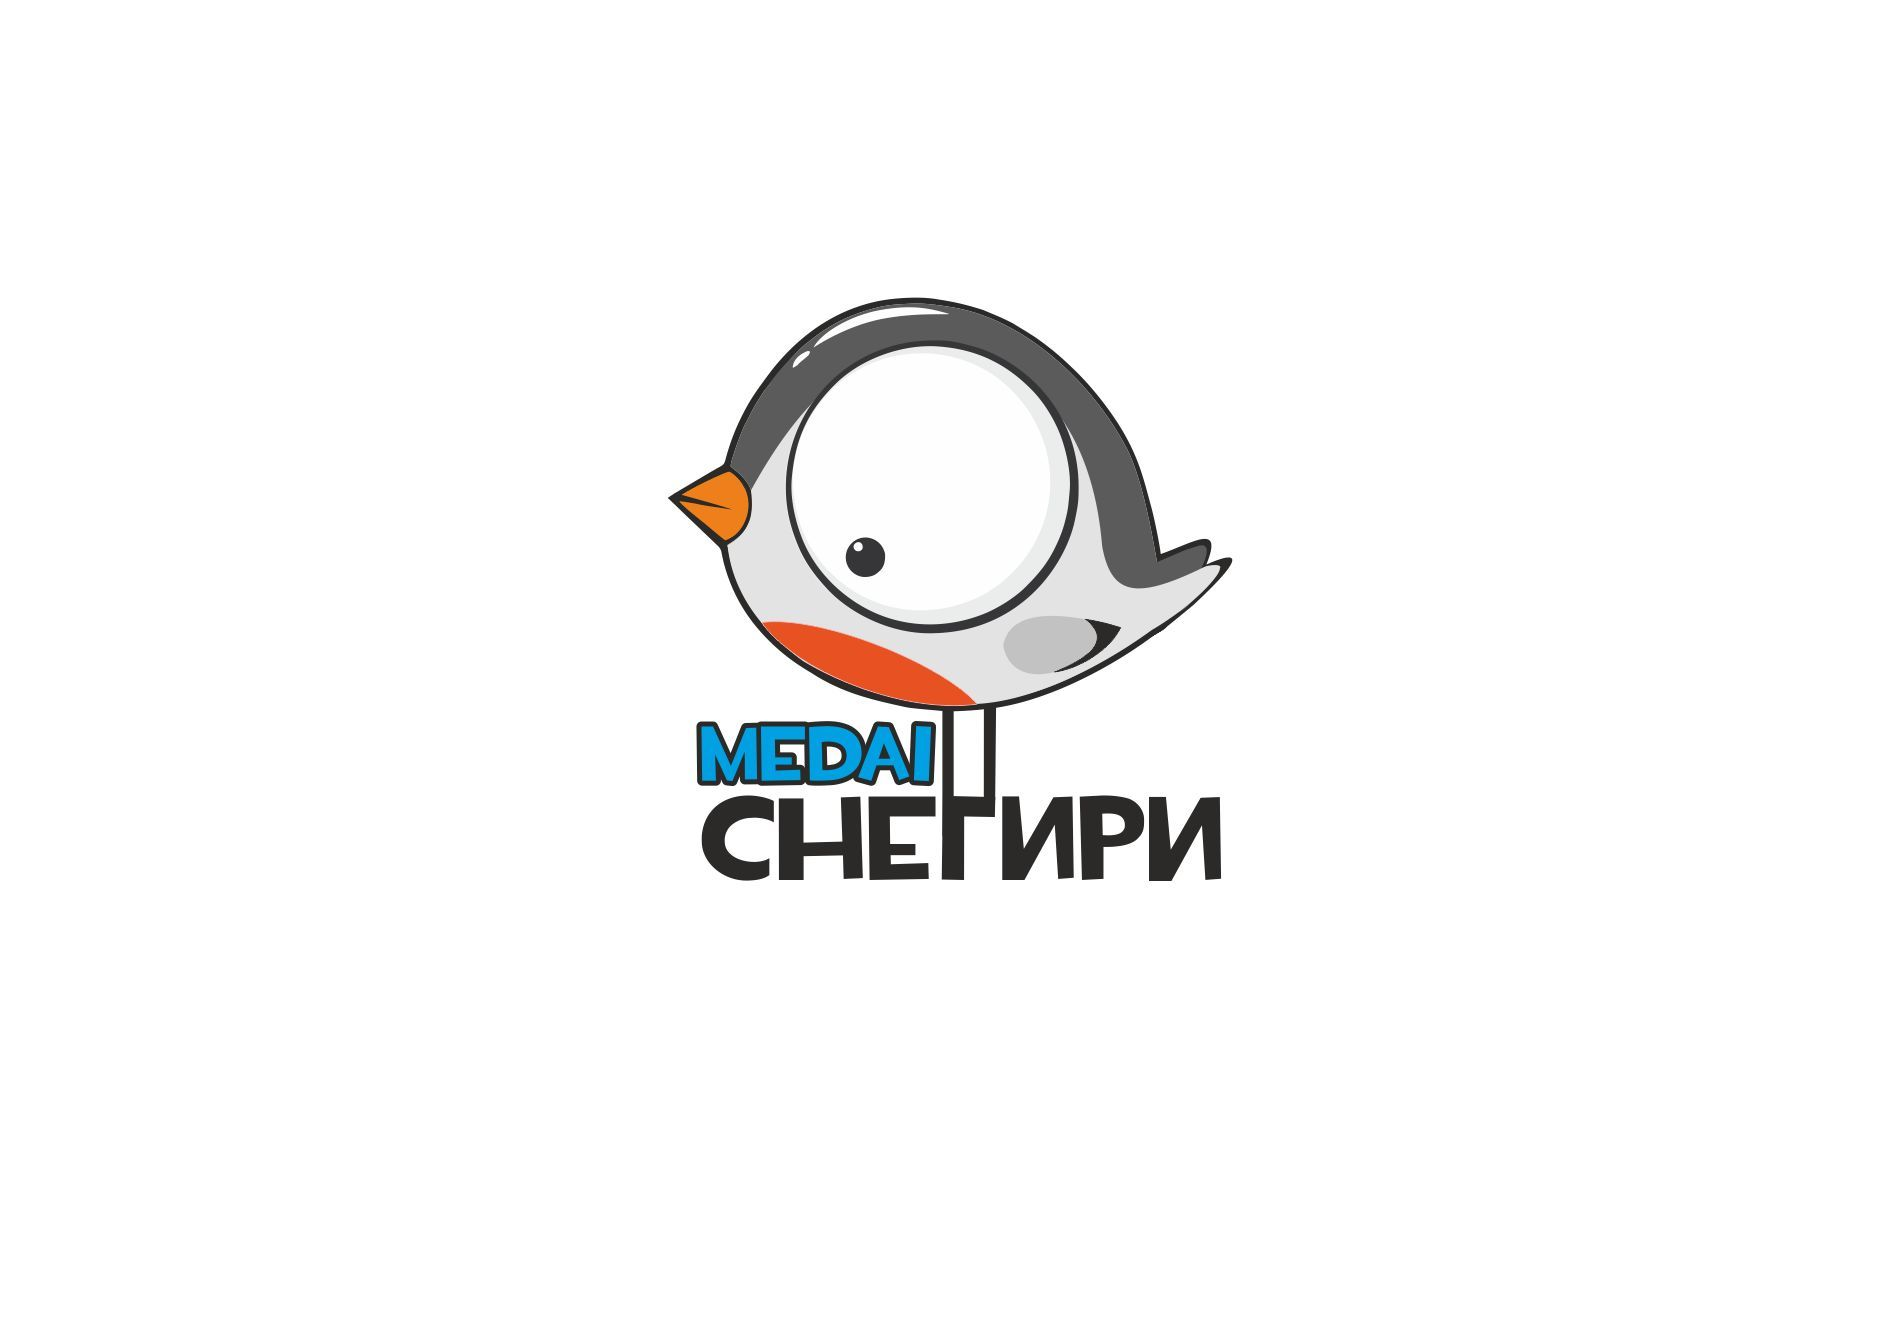 Разработка лого и стиля для рекламной компании - дизайнер Dania105